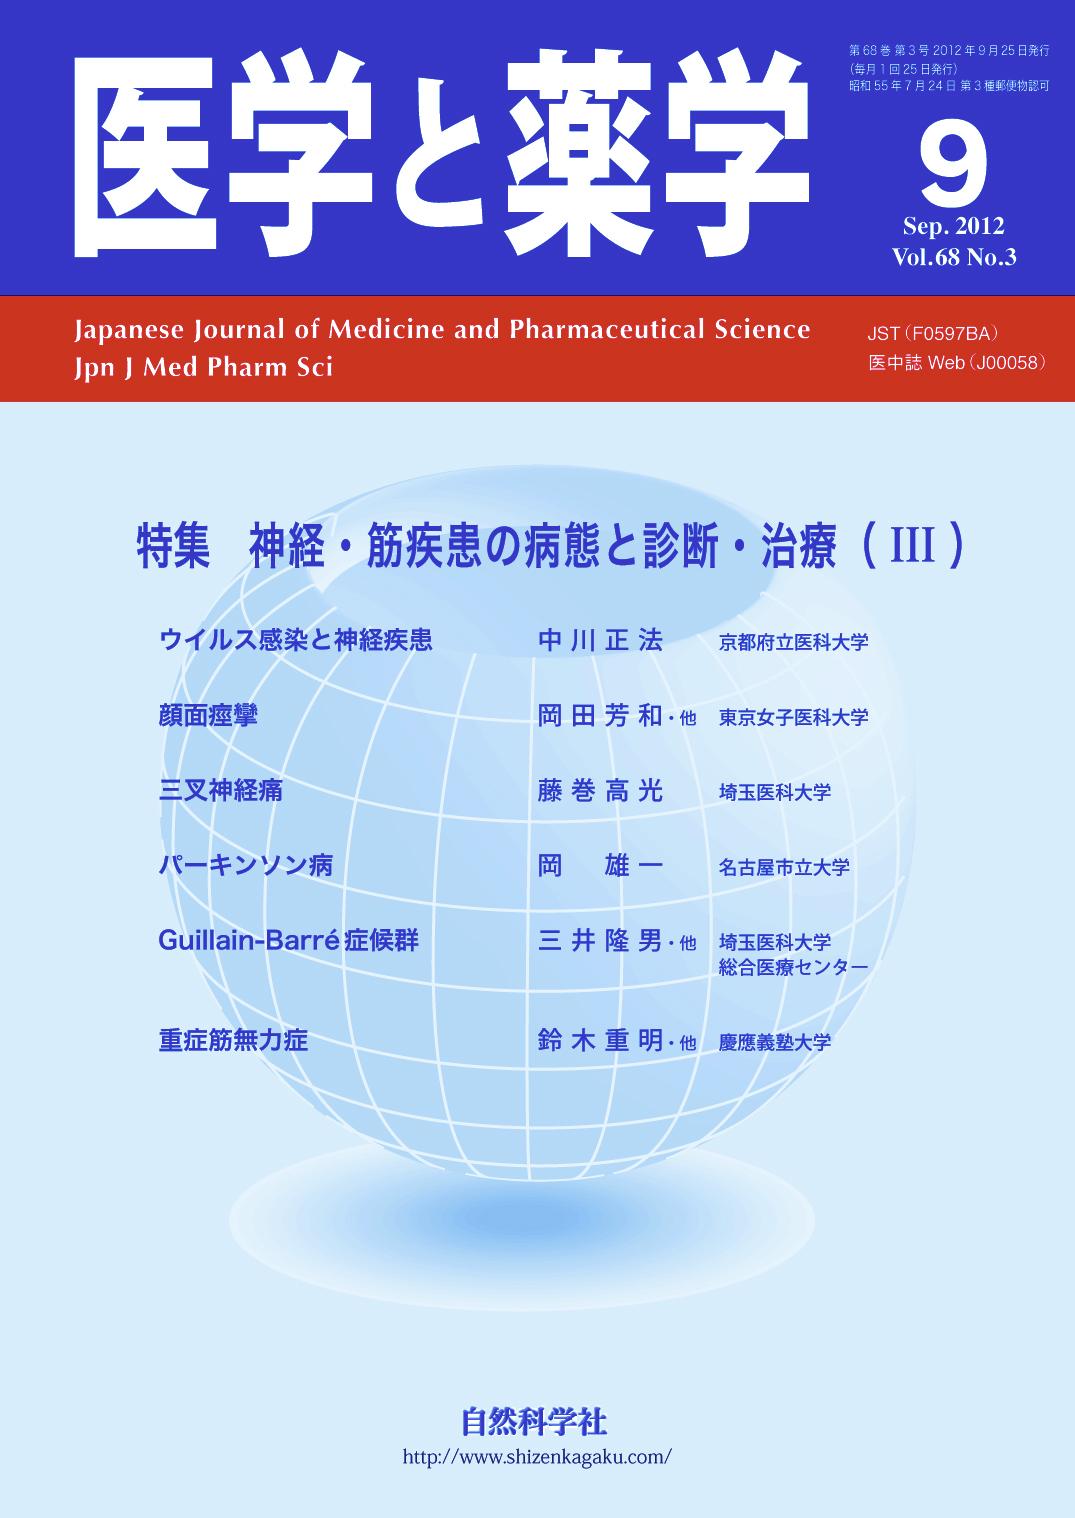 医学と薬学 68巻3号2012年9月